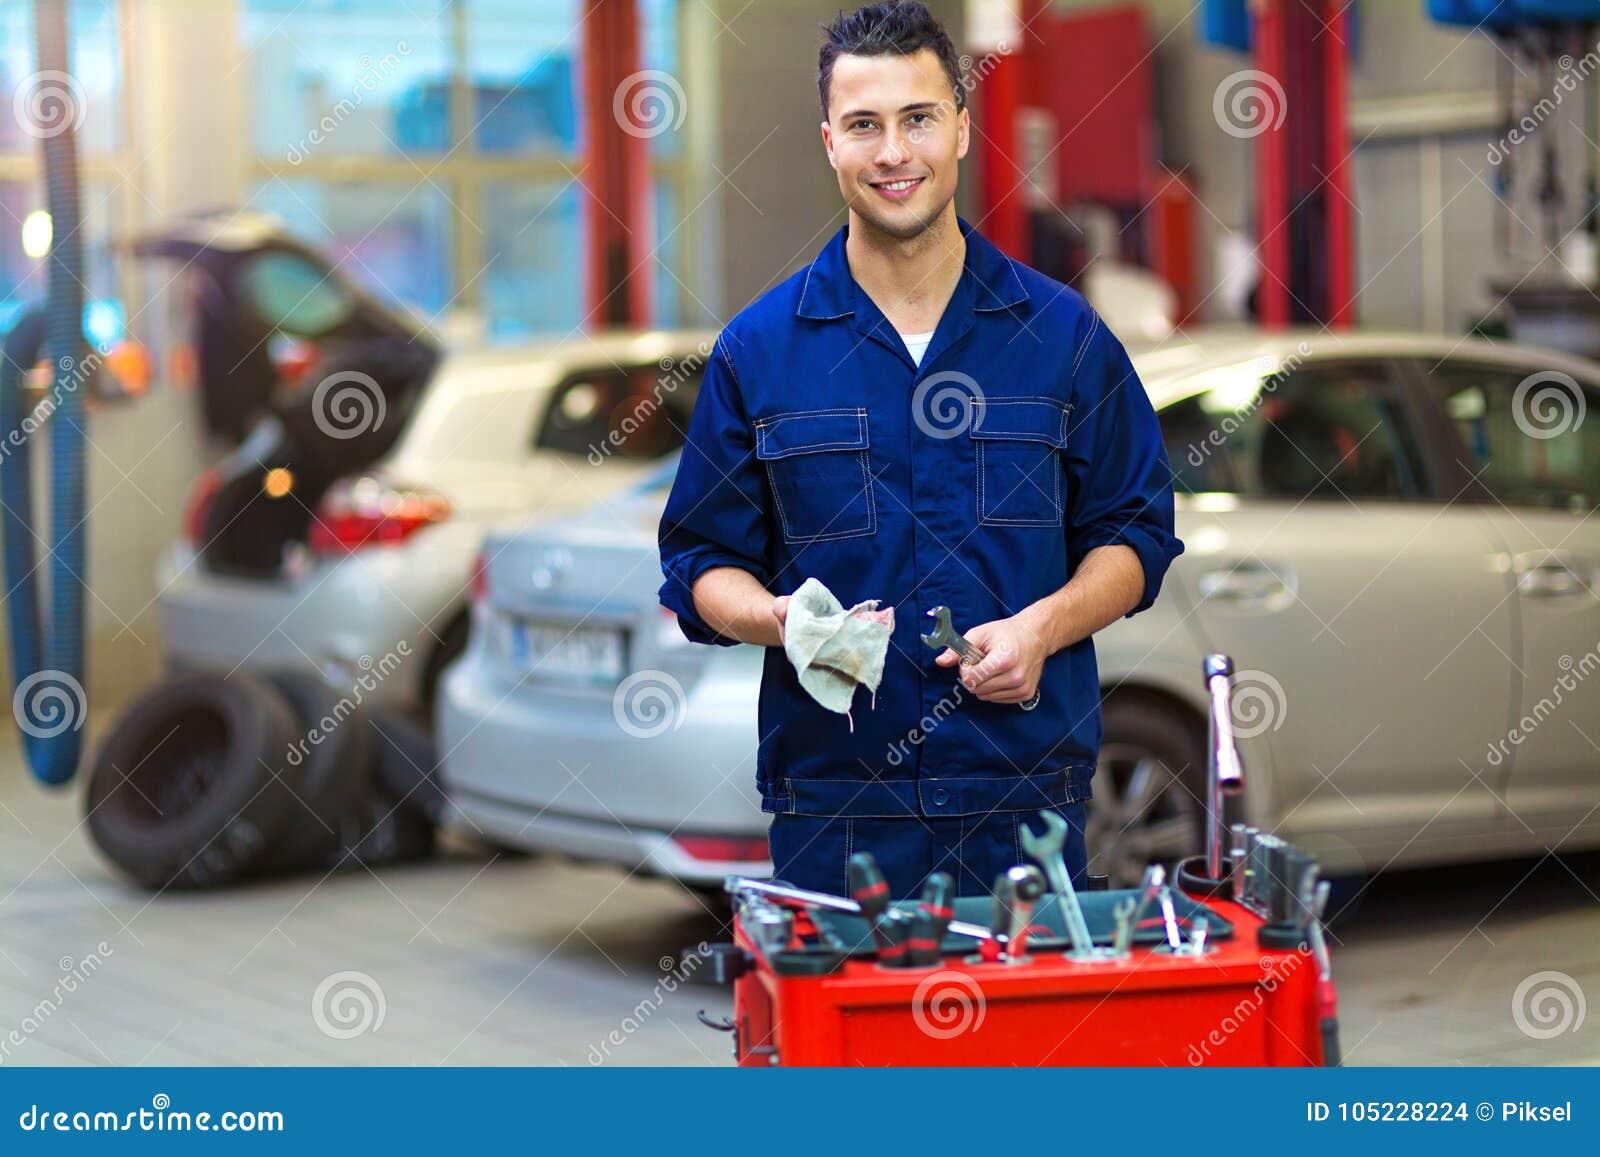 Automechaniker in der Werkstatt gebumst